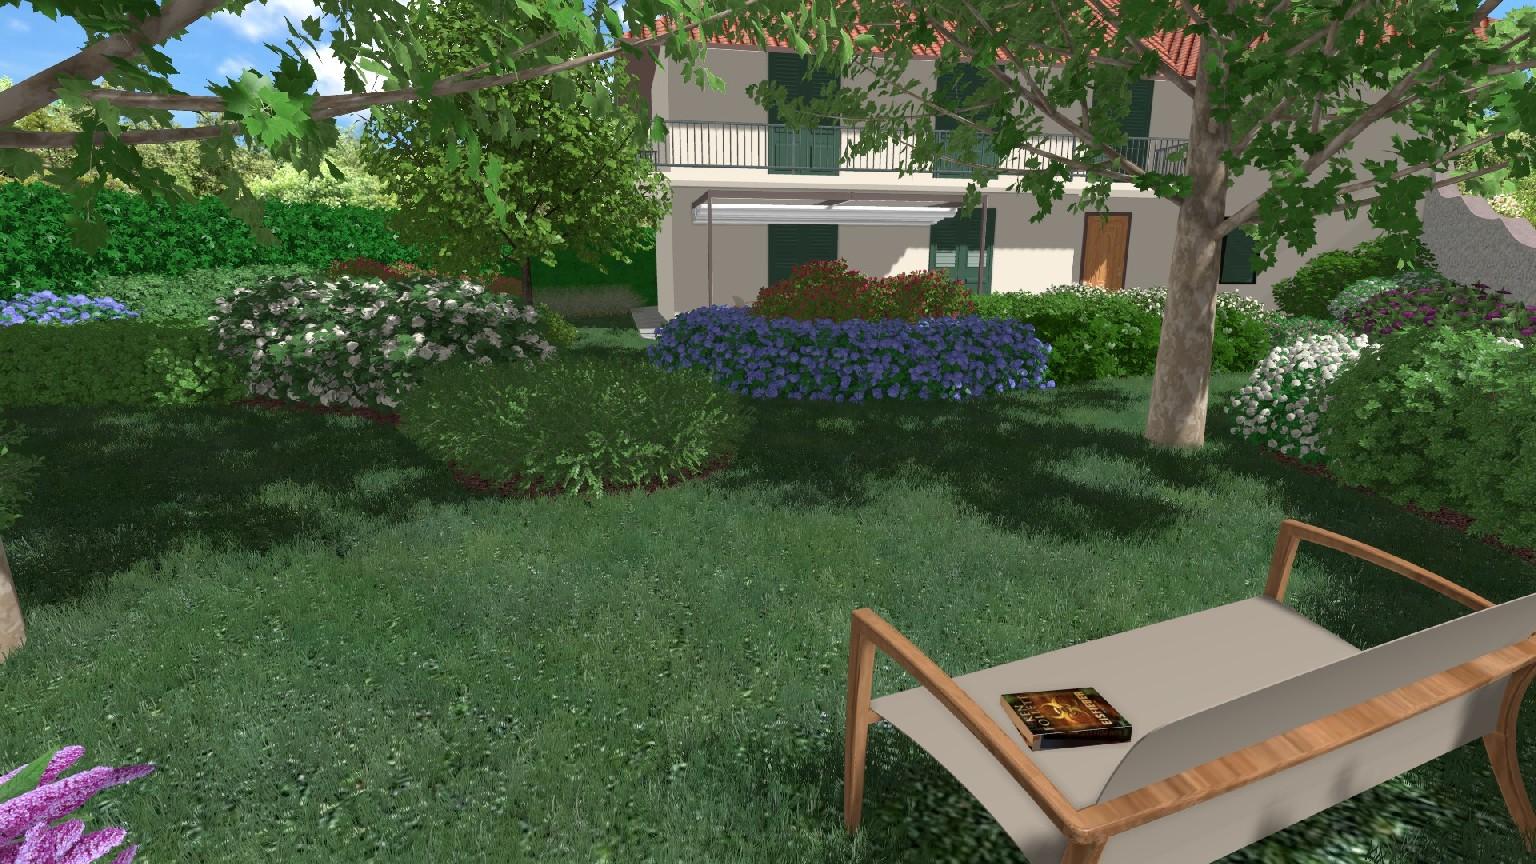 Progettazione-di-giardino-a-Firenze-3